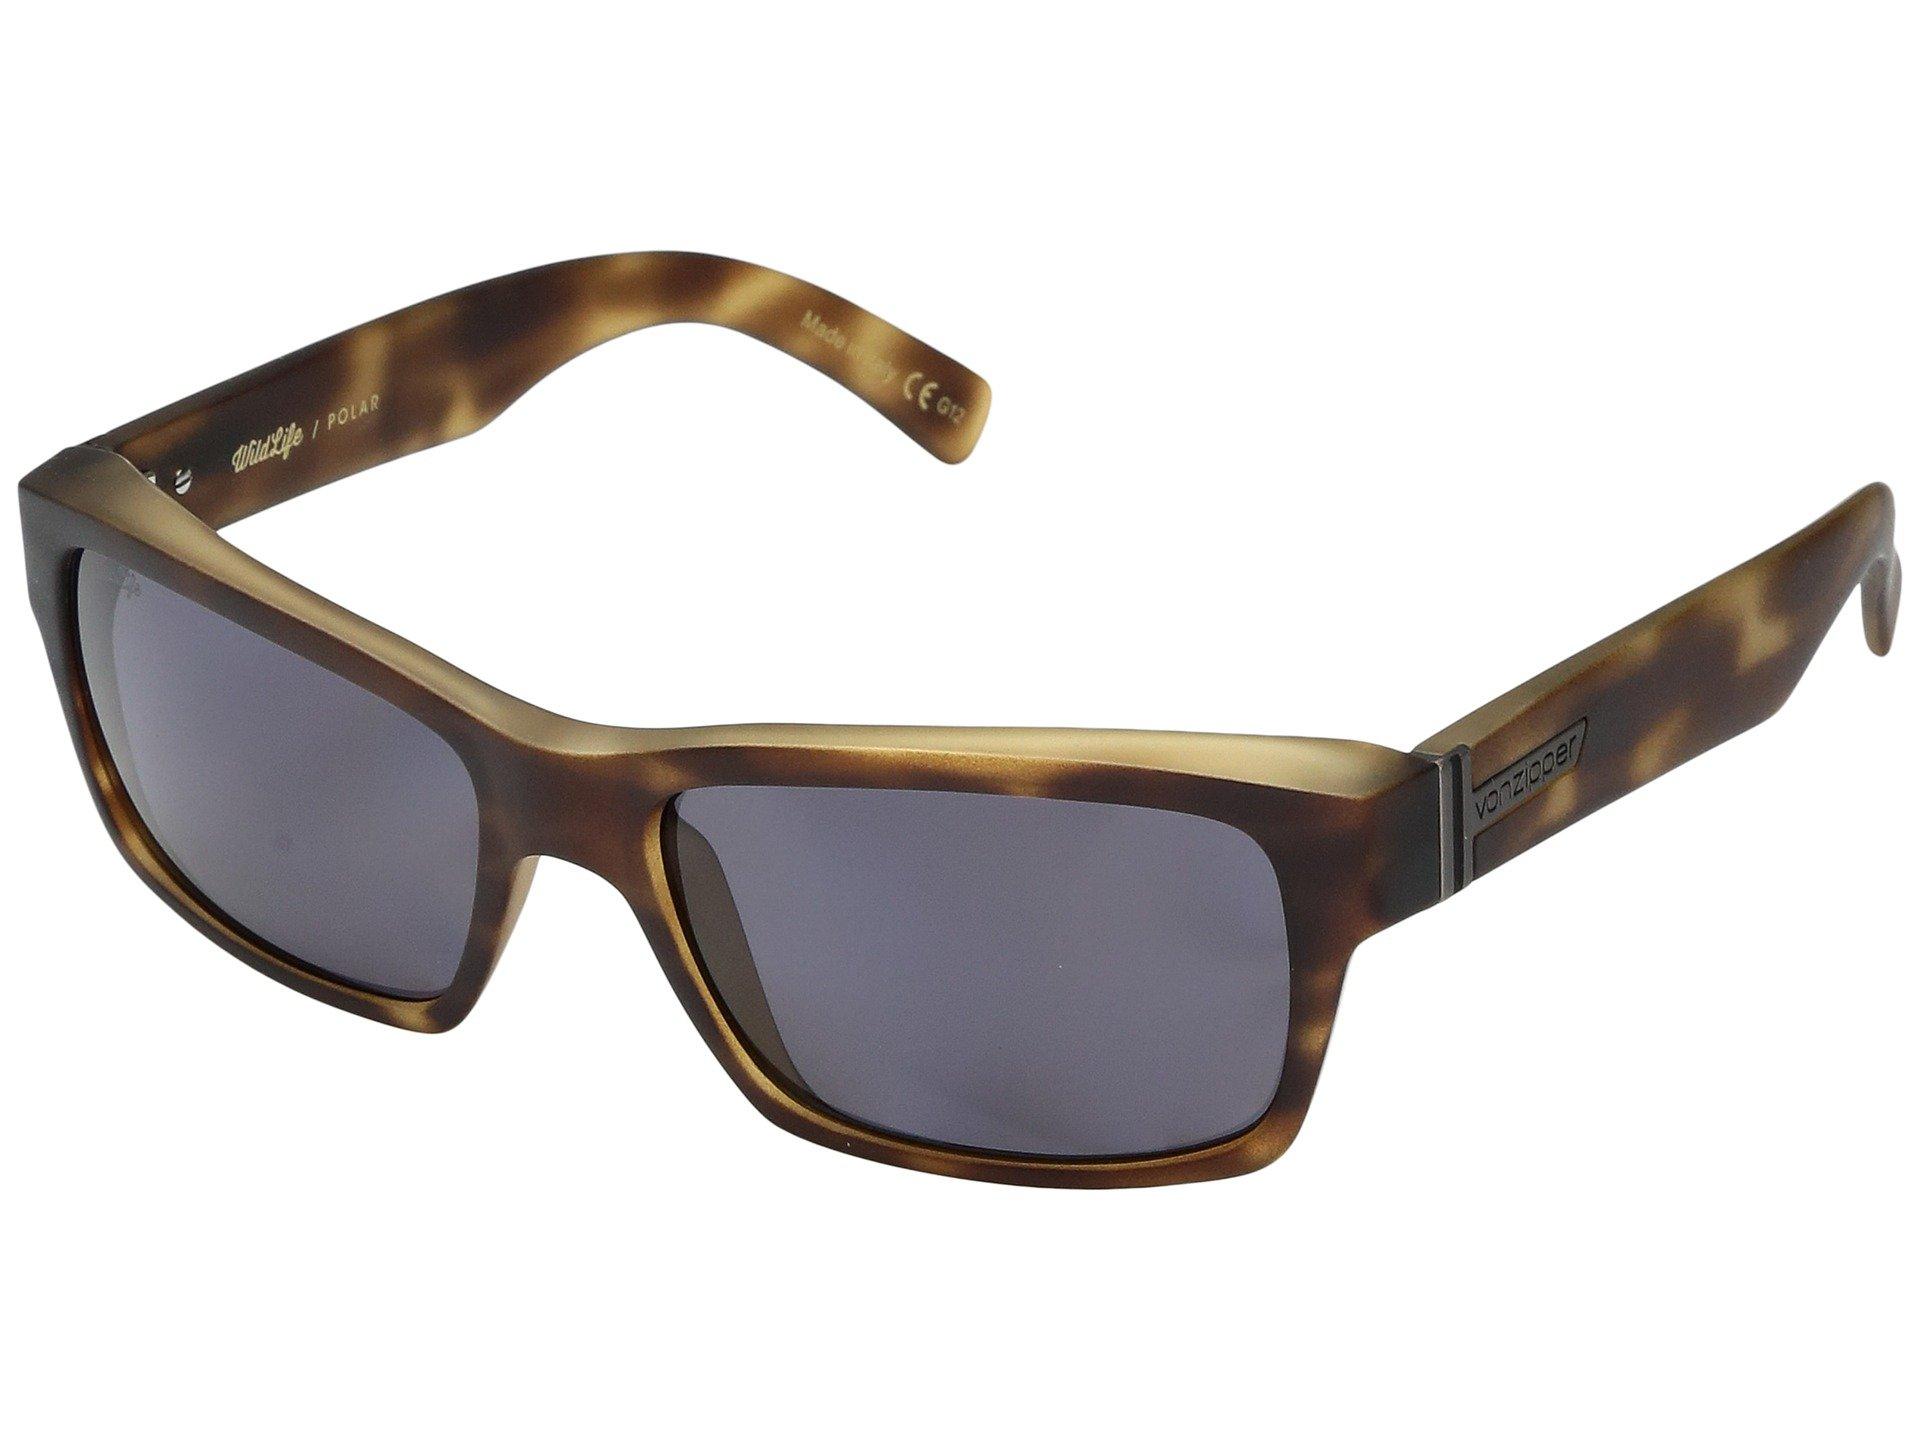 227a5f3fa34 VonZipper Eyewear Latest Styles + FREE SHIPPING